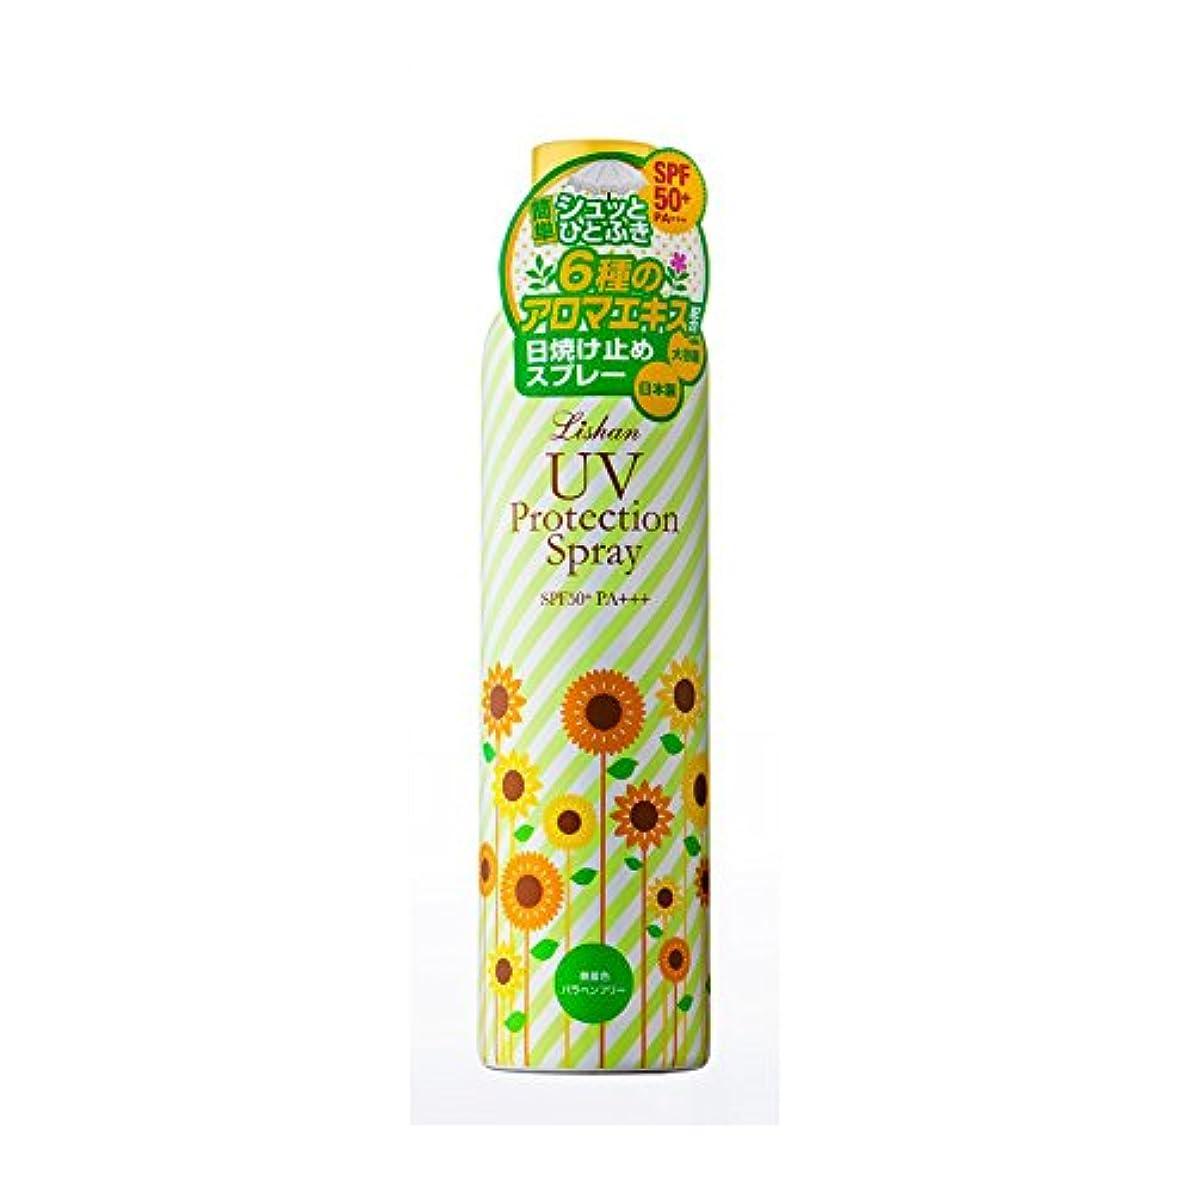 シャープ帝国パースブラックボロウリシャン 大容量UVスプレー アロマミックスの香り (230g)